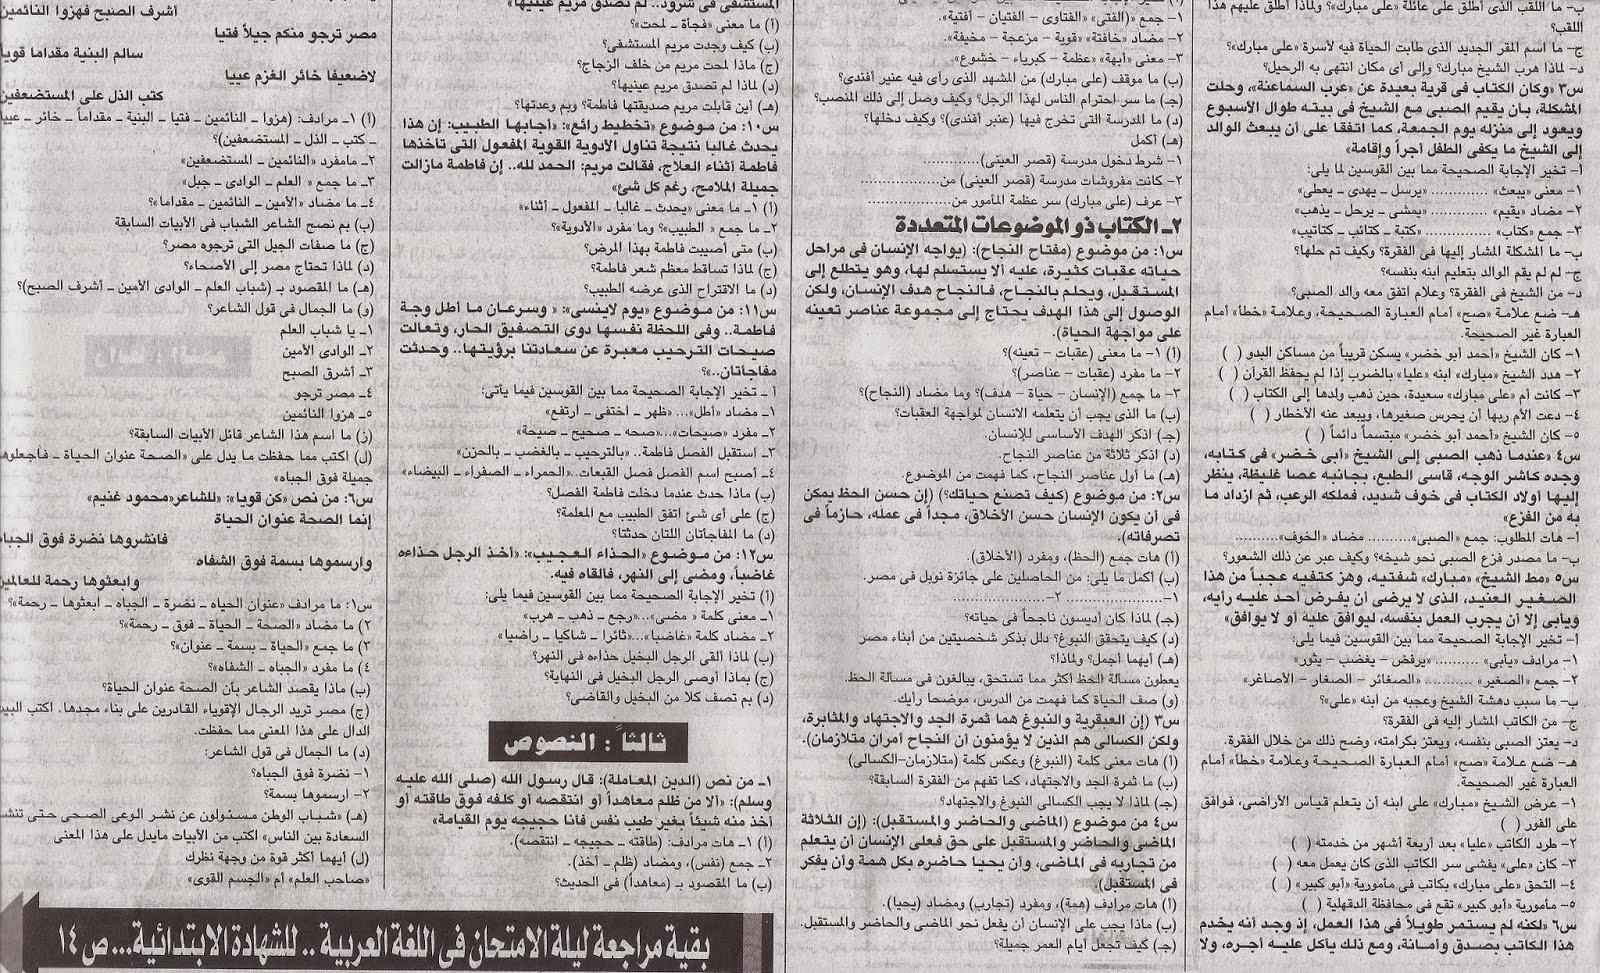 كل مراجعات ملاحق الجمهورية للترم الأول 2015 للشهادة الإبتدائية المنهاج المصري scan0117.jpg